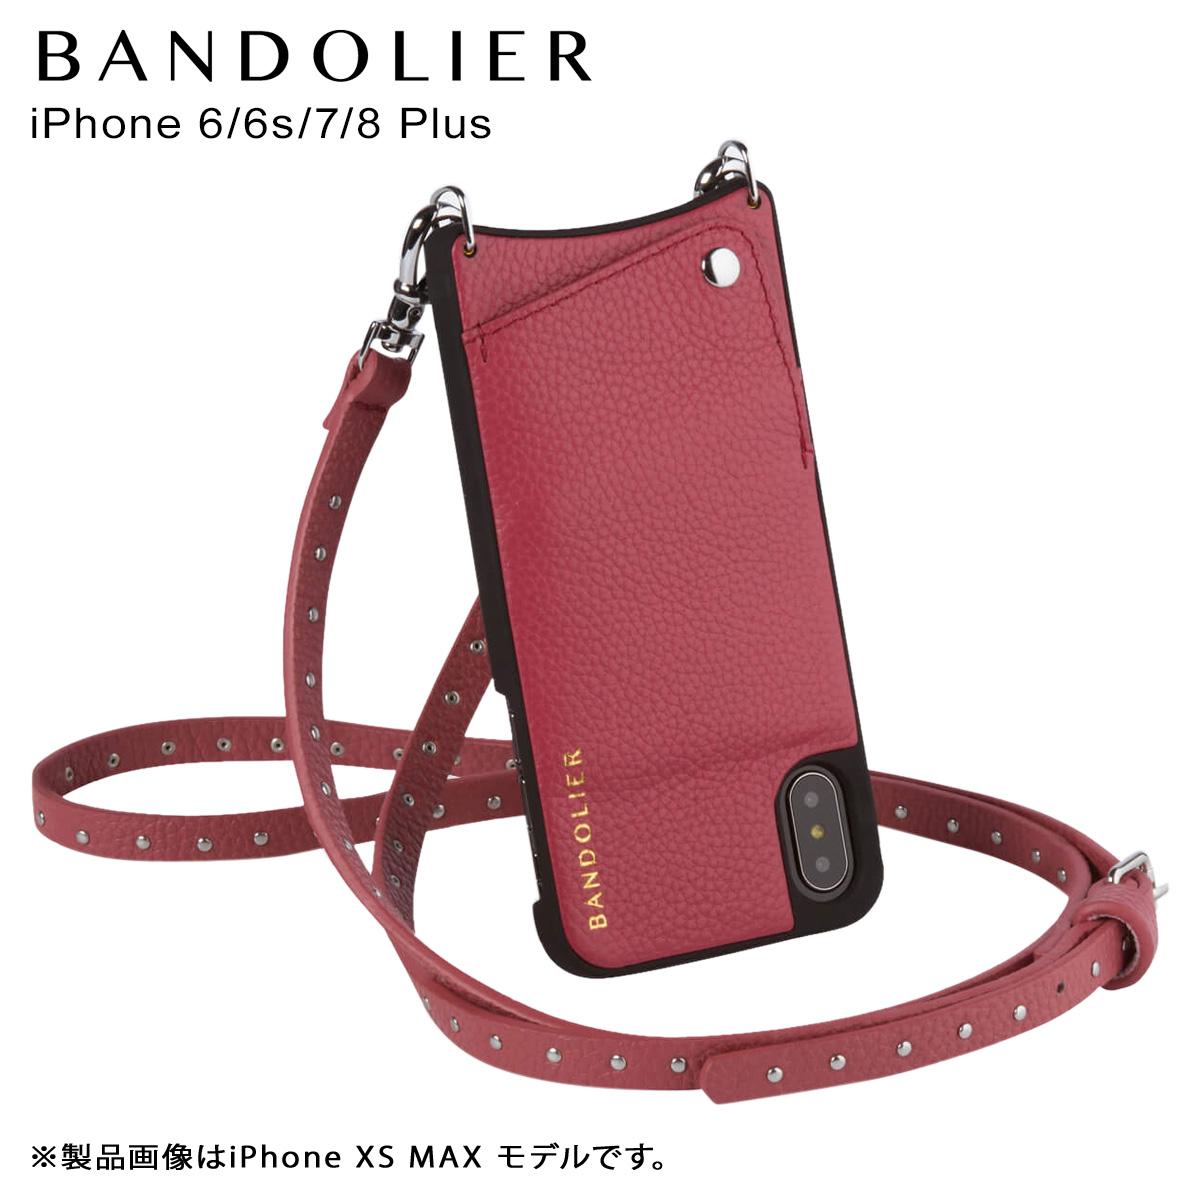 バンドリヤー BANDOLIER iPhone8Plus iPhone7Plus 6sPlus ケース ショルダー スマホ アイフォン レザー NICOLE MAGENTA RED メンズ レディース マゼンタ レッド 赤 10NIC1001